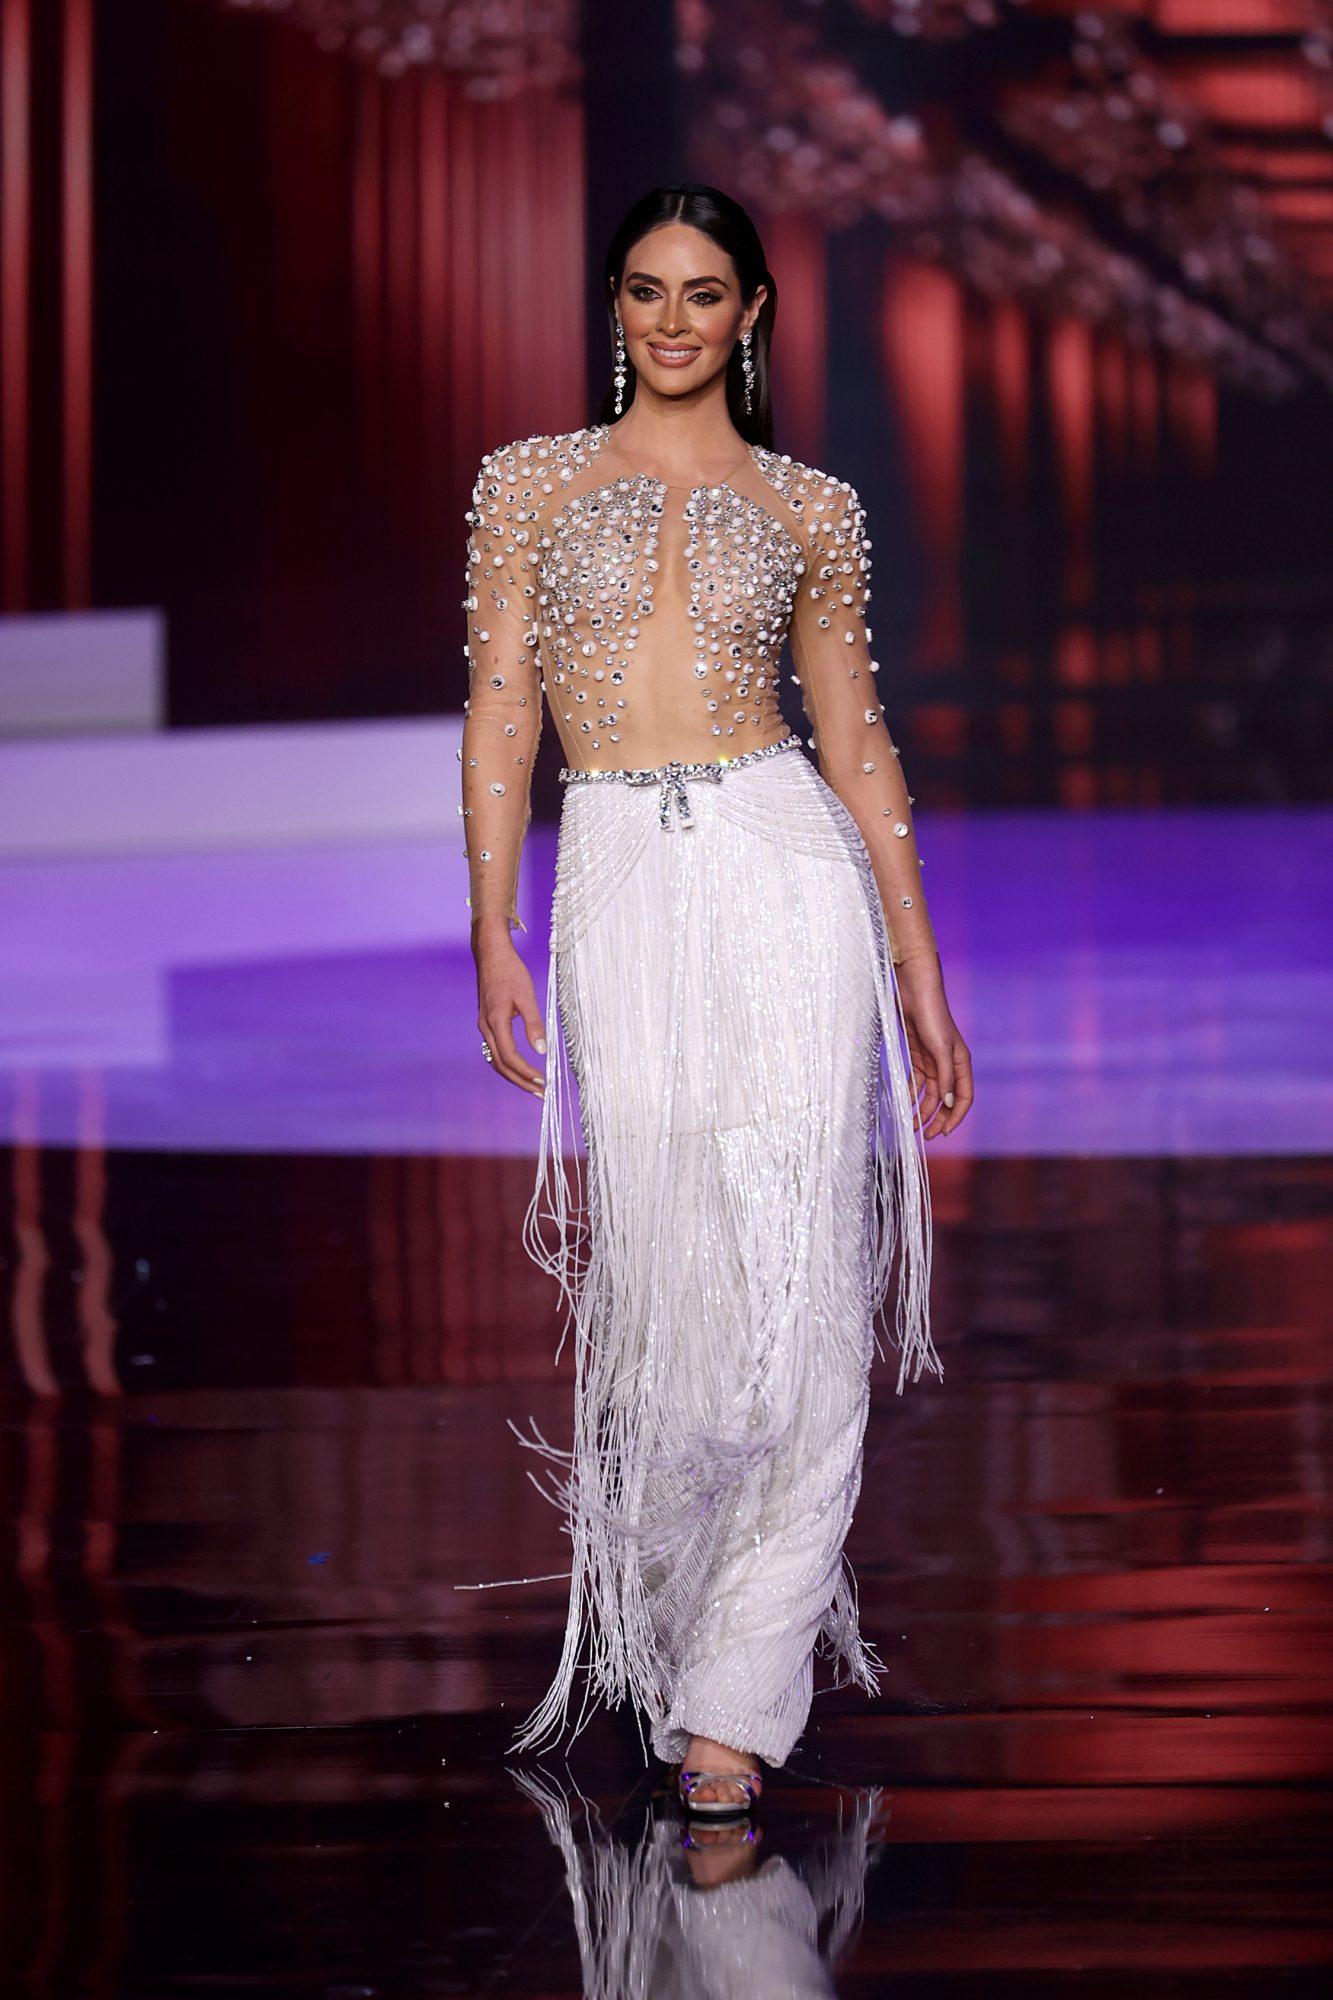 Vestidos noche Miss Universo